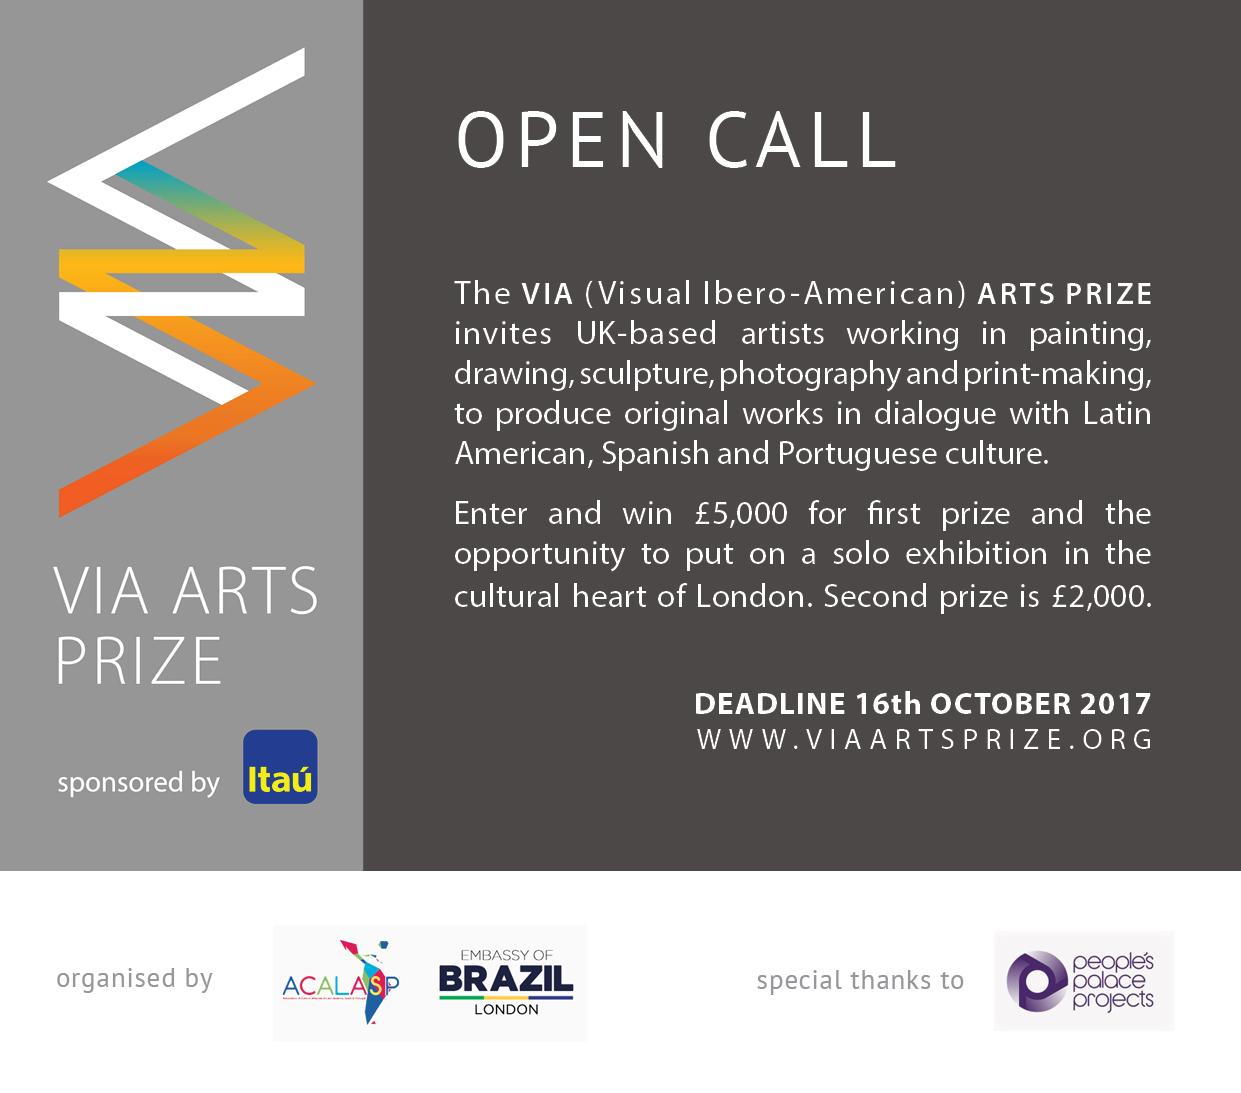 VIA Arts Prize 2017 Open Call Flyer